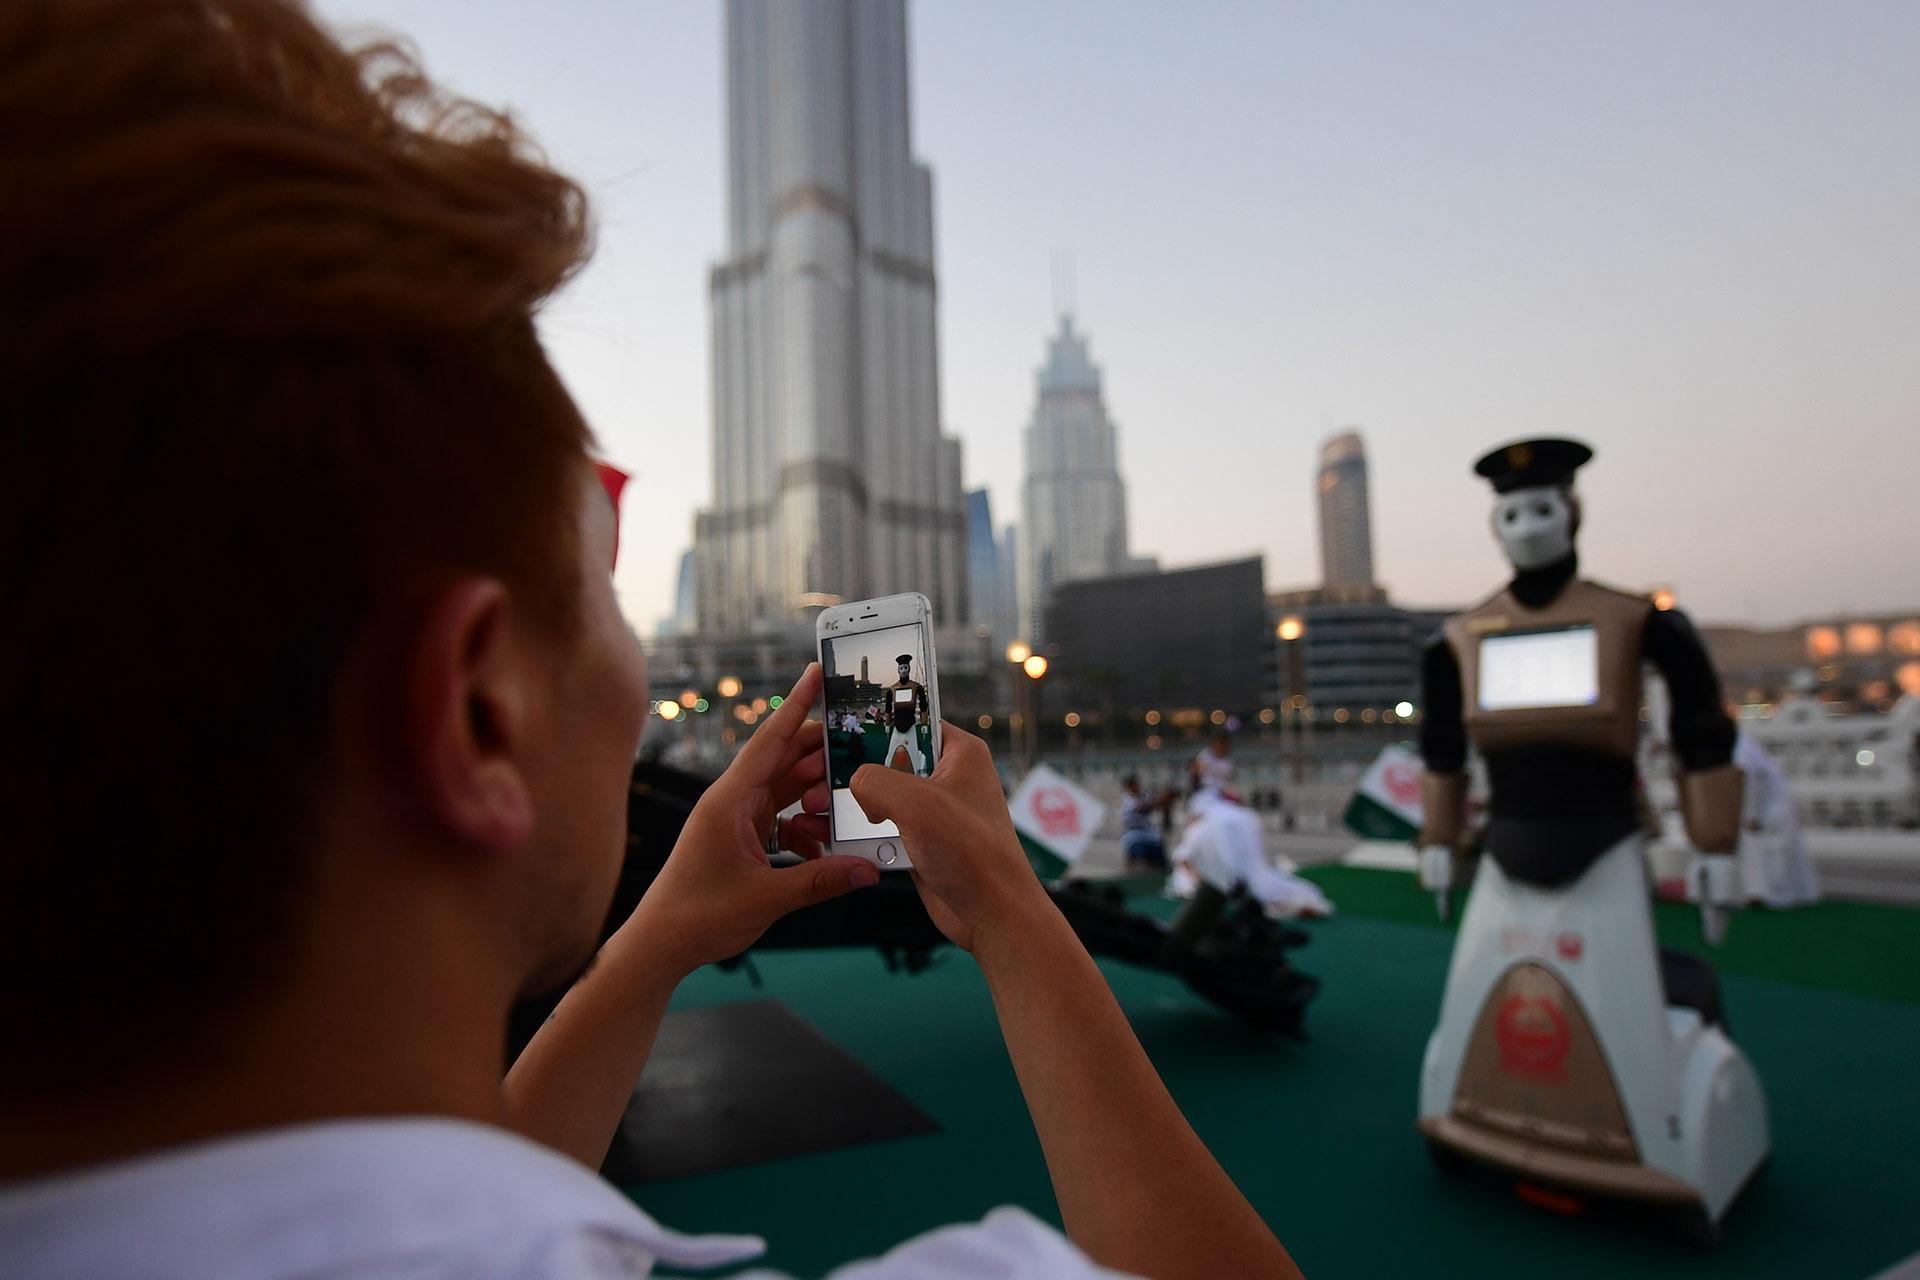 El robot también lleva una cámara que transmite imágenes en directo a la sala de operaciones de la Policía